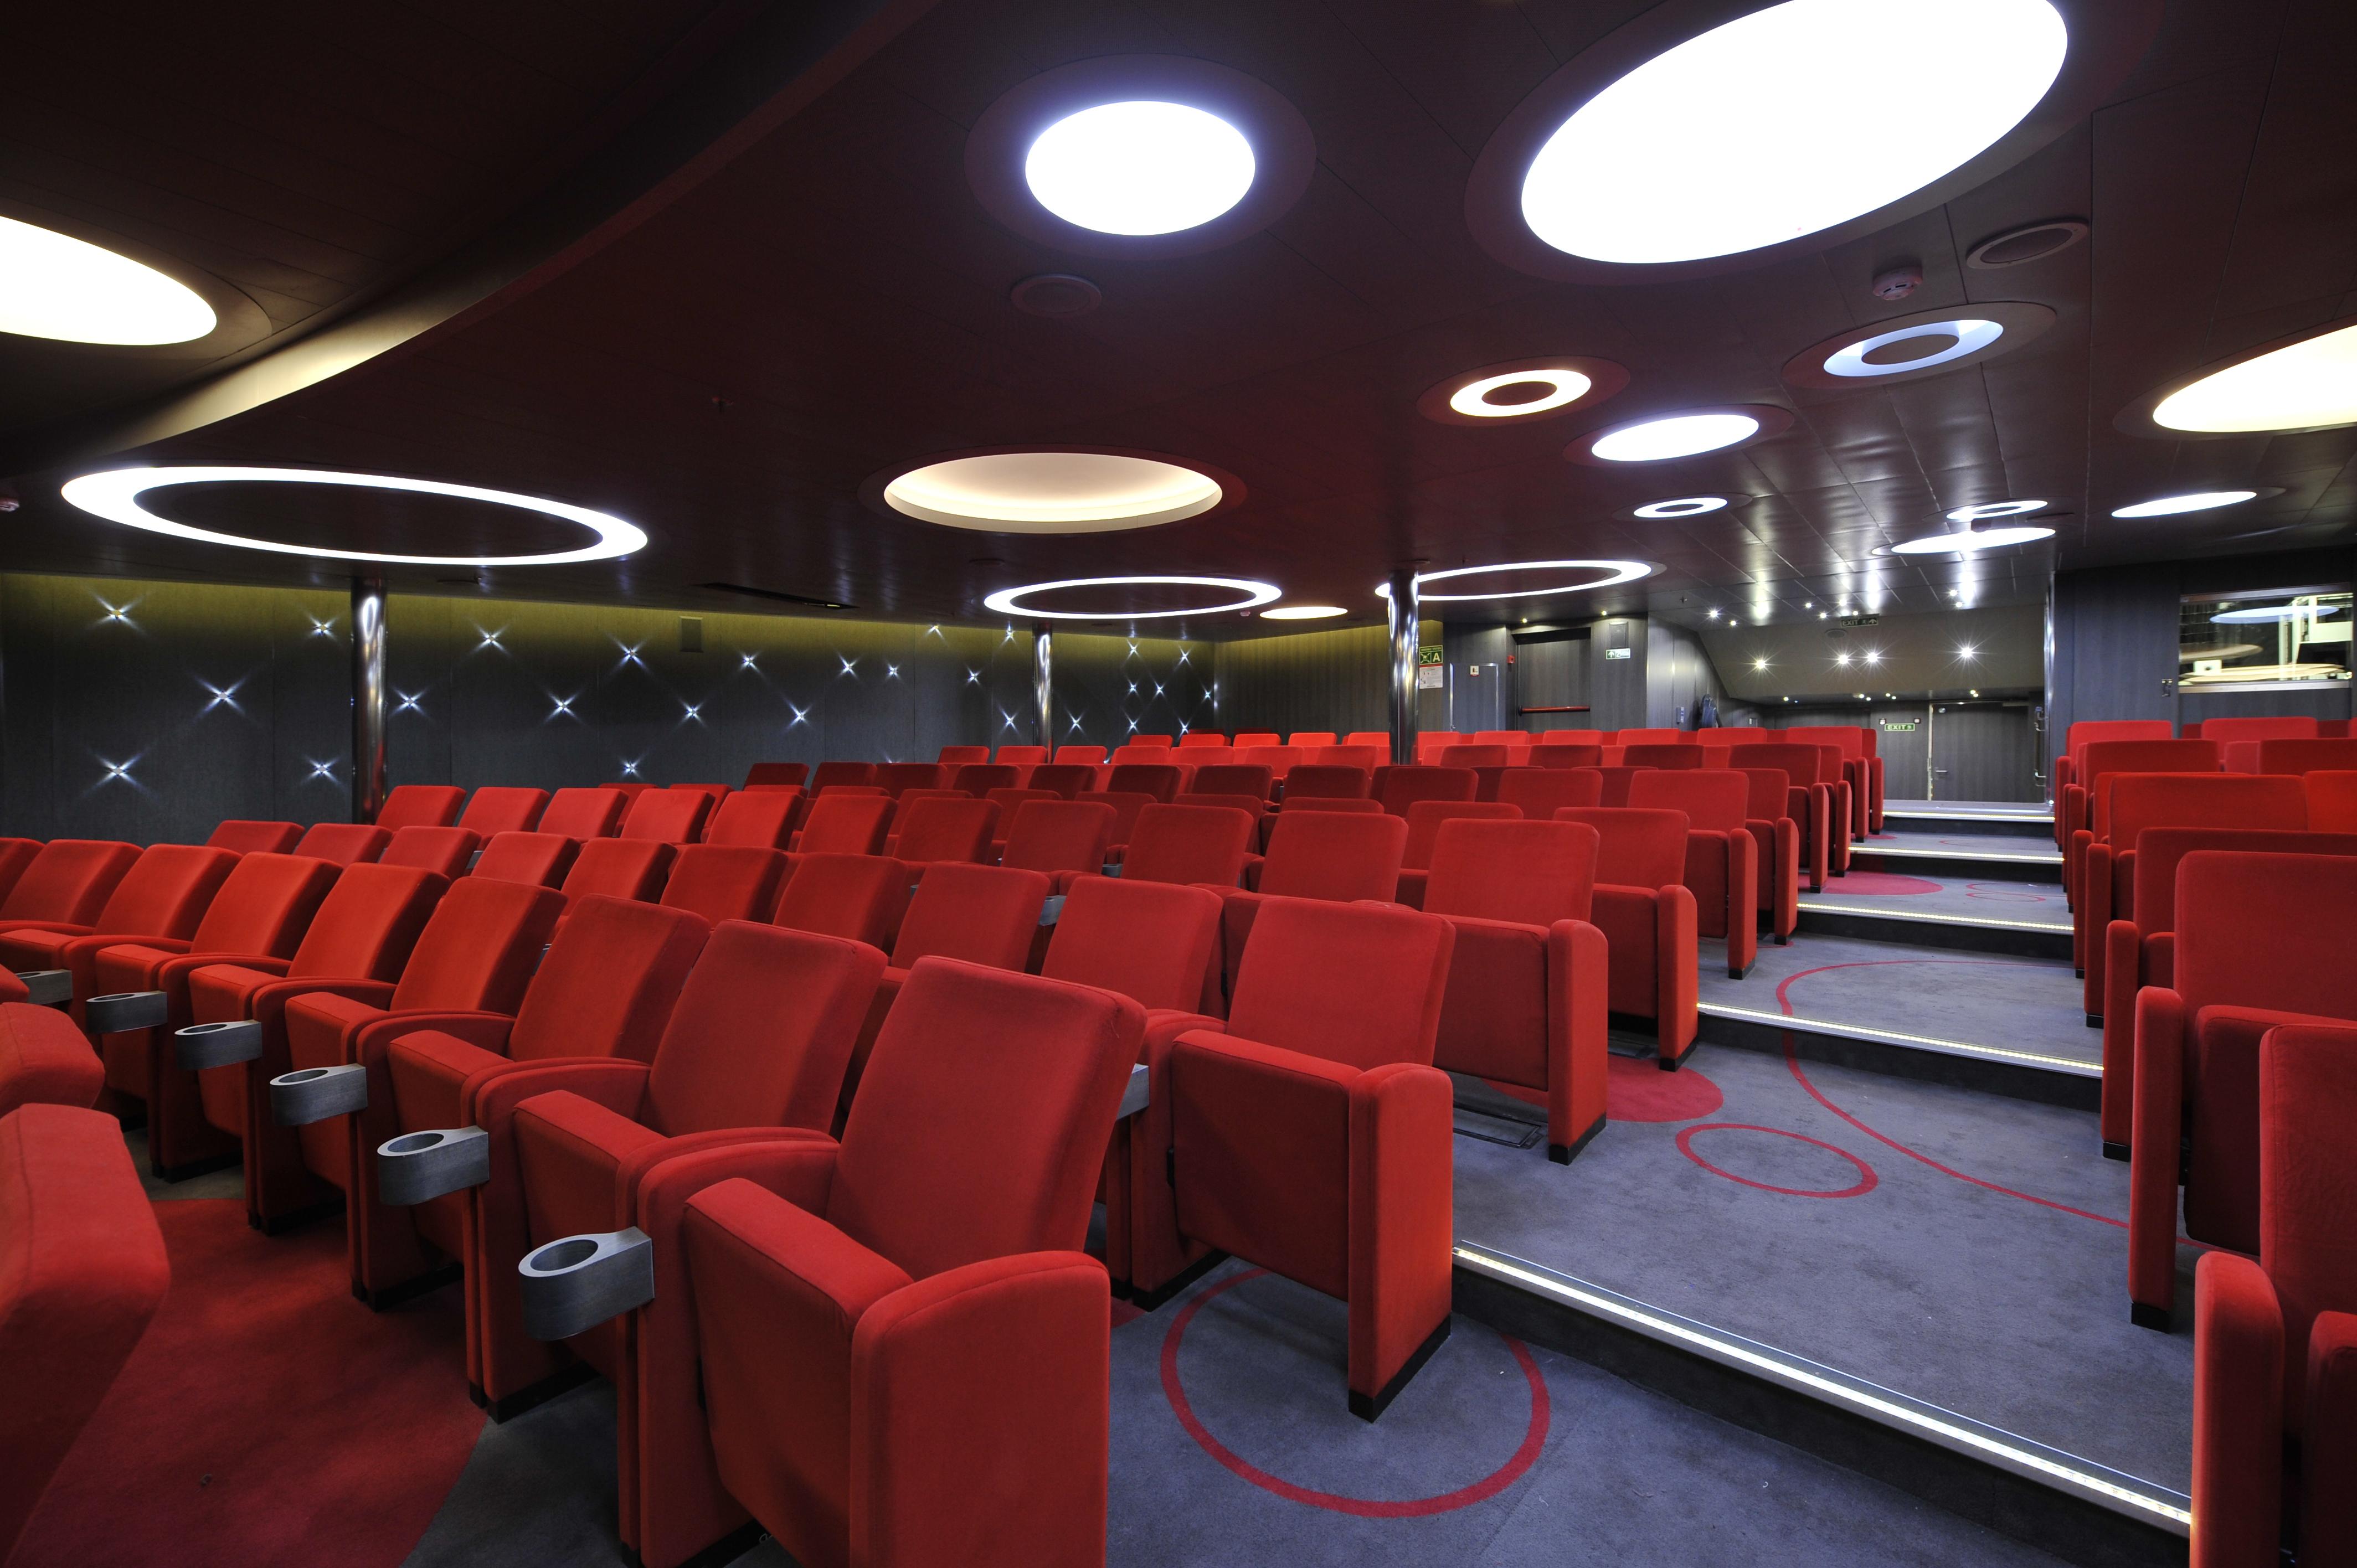 Ponant Le Boreal Interior Theatre 1.JPEG